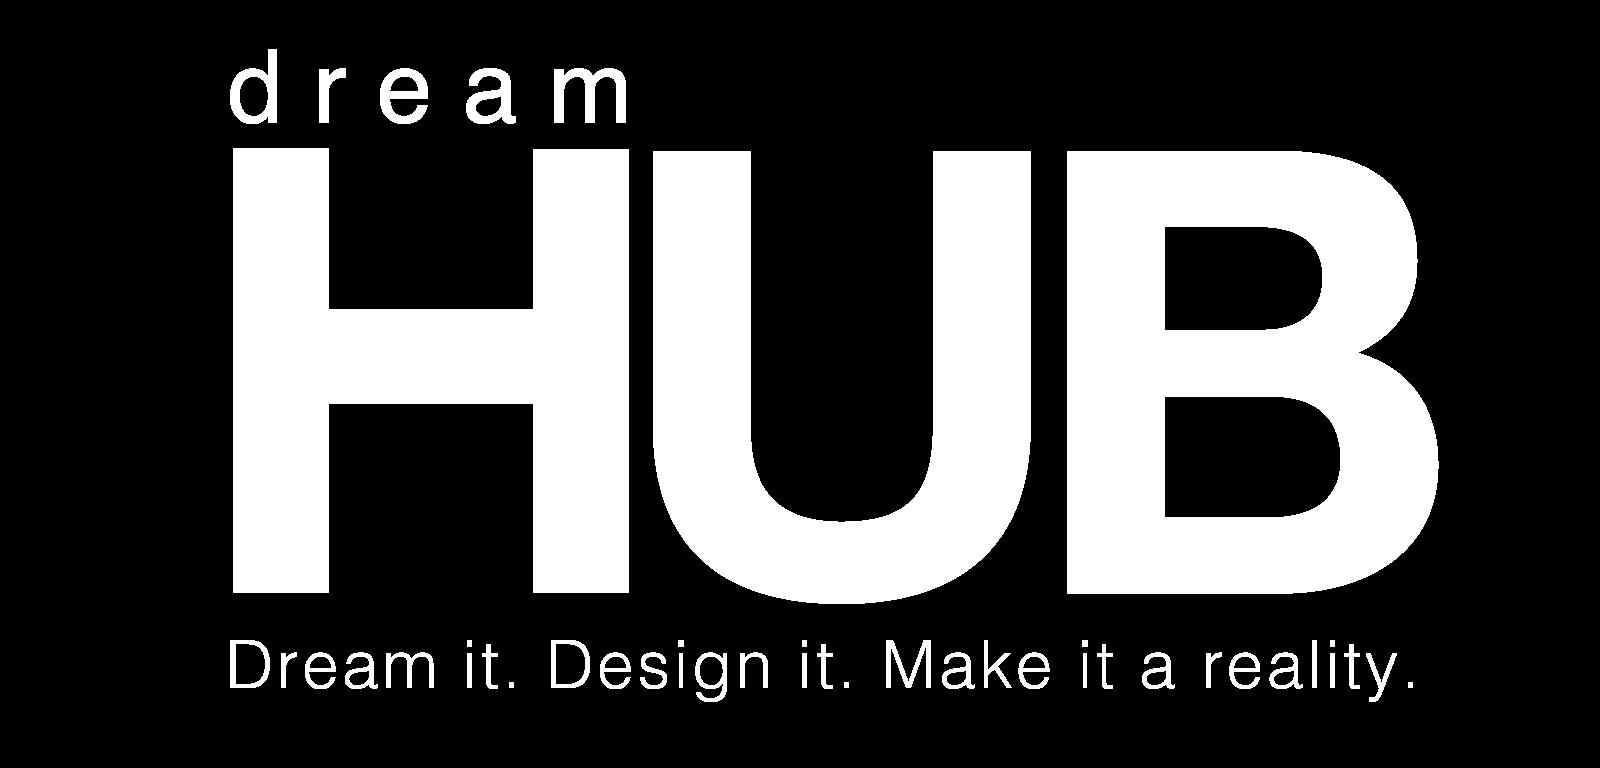 Dreamhub